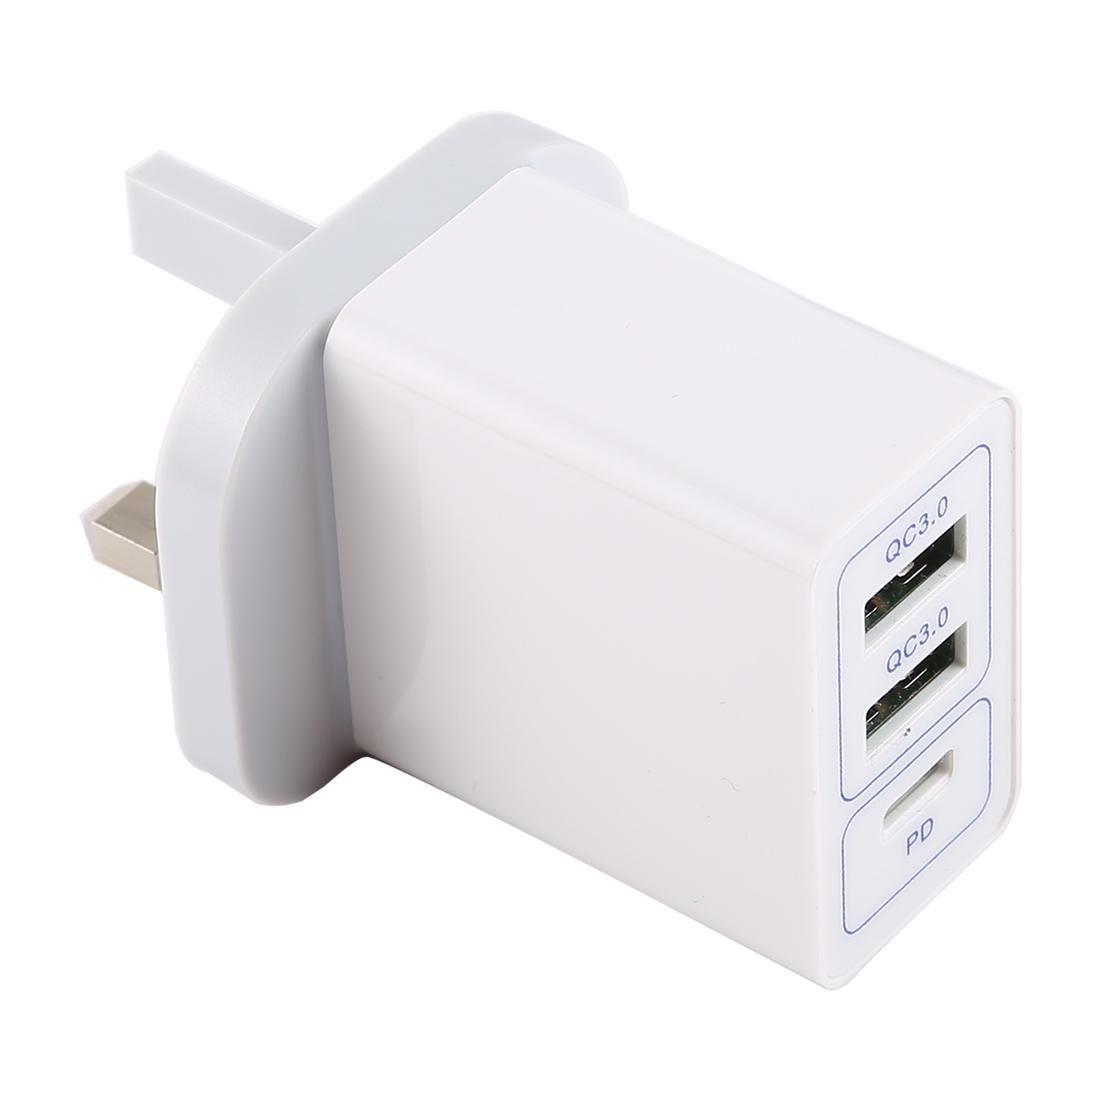 3A Max USB-PD uscita + due porte USB QC3.0 Viaggi Fast Charger, spina BRITANNICA